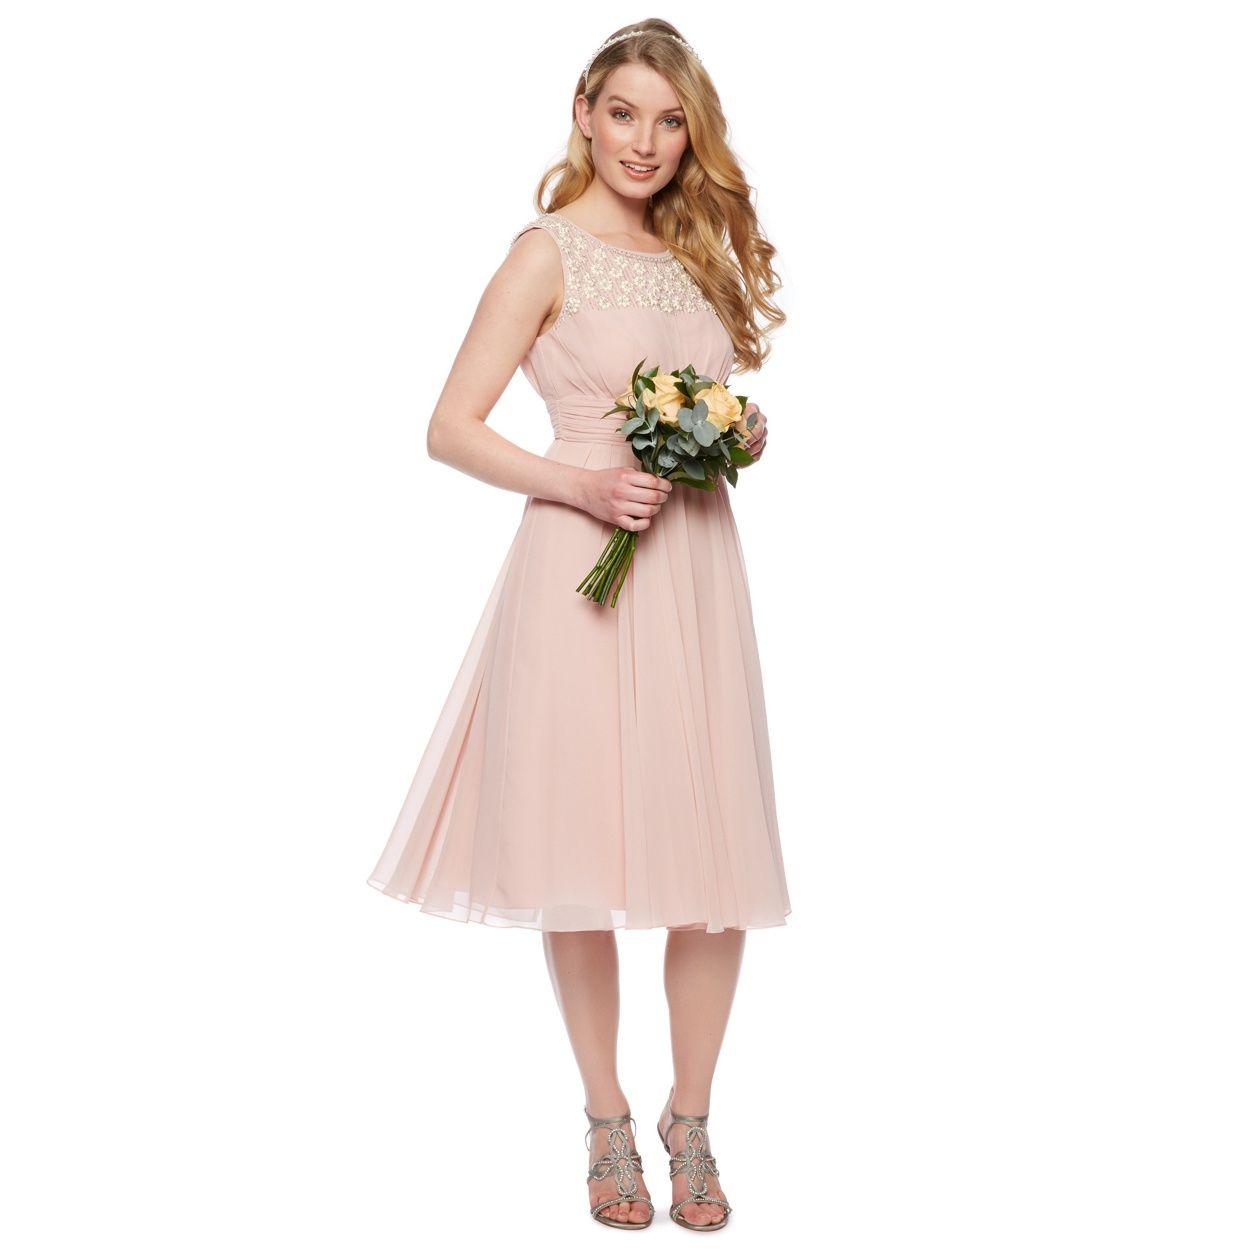 No. 1 Jenny Packham Designer Rose Pink Floral Embellished